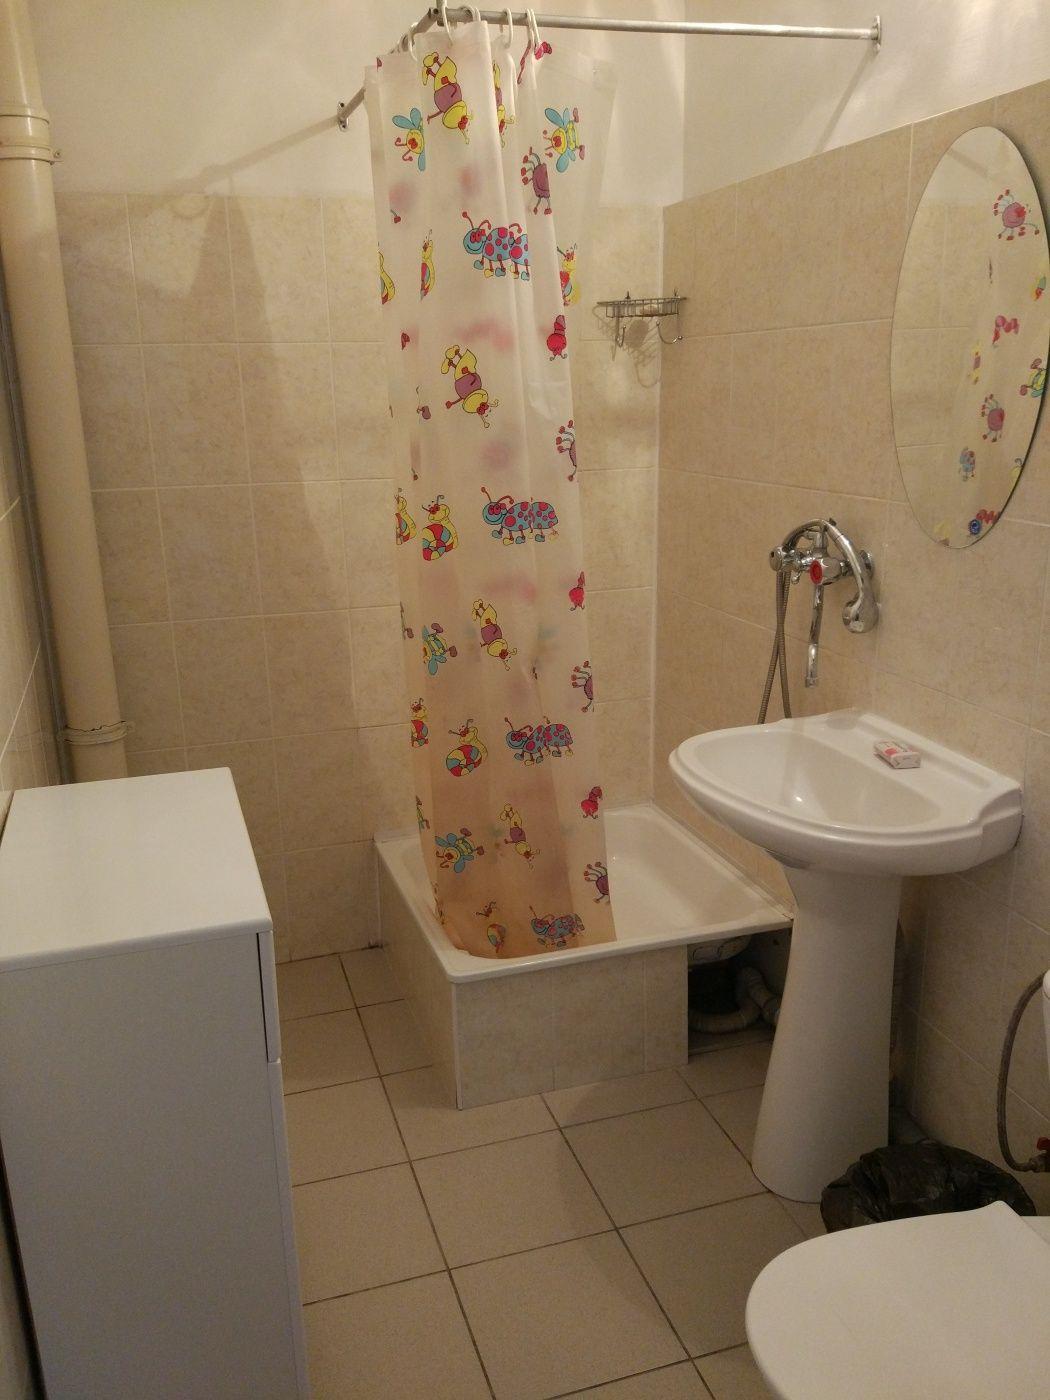 Турбаза «Домостроитель» Саратовская область 2-комнатный номер «люкс» с удобствами (корпус № 1), фото 8